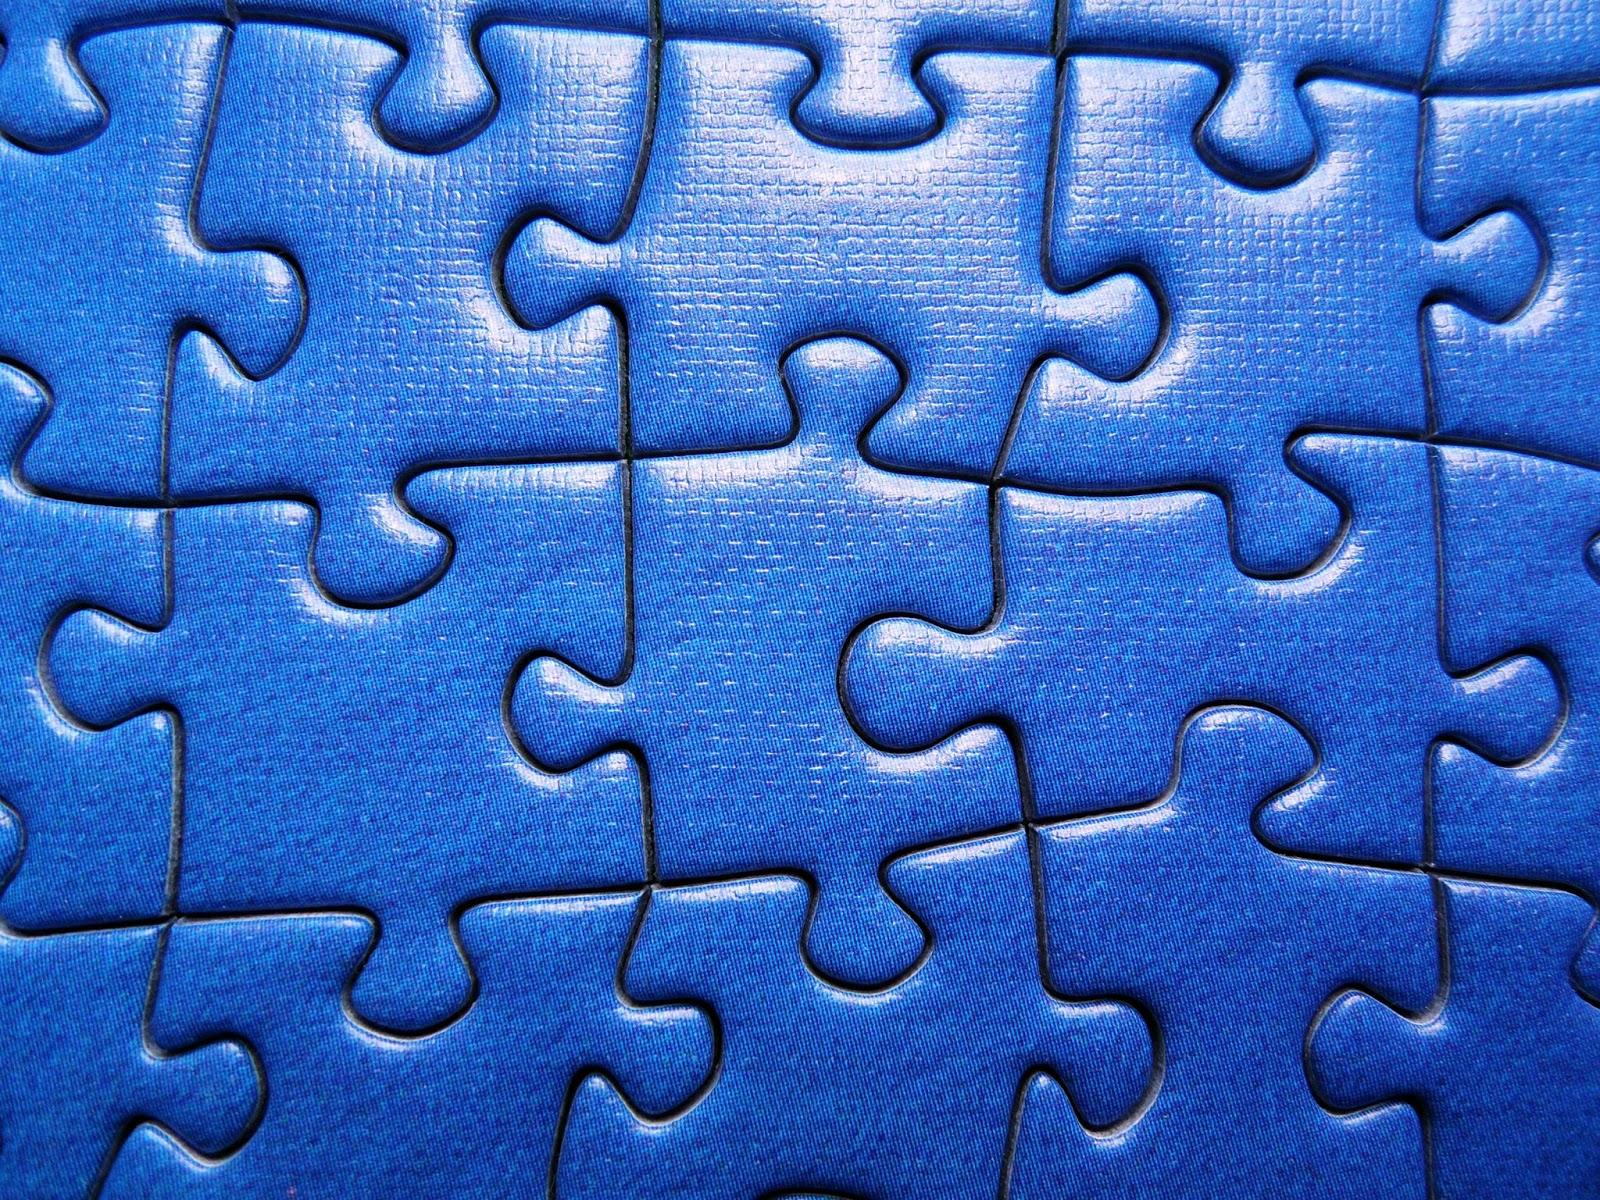 Puzzle pictures to color Pic-a-Pix - Conceptis Puzzles